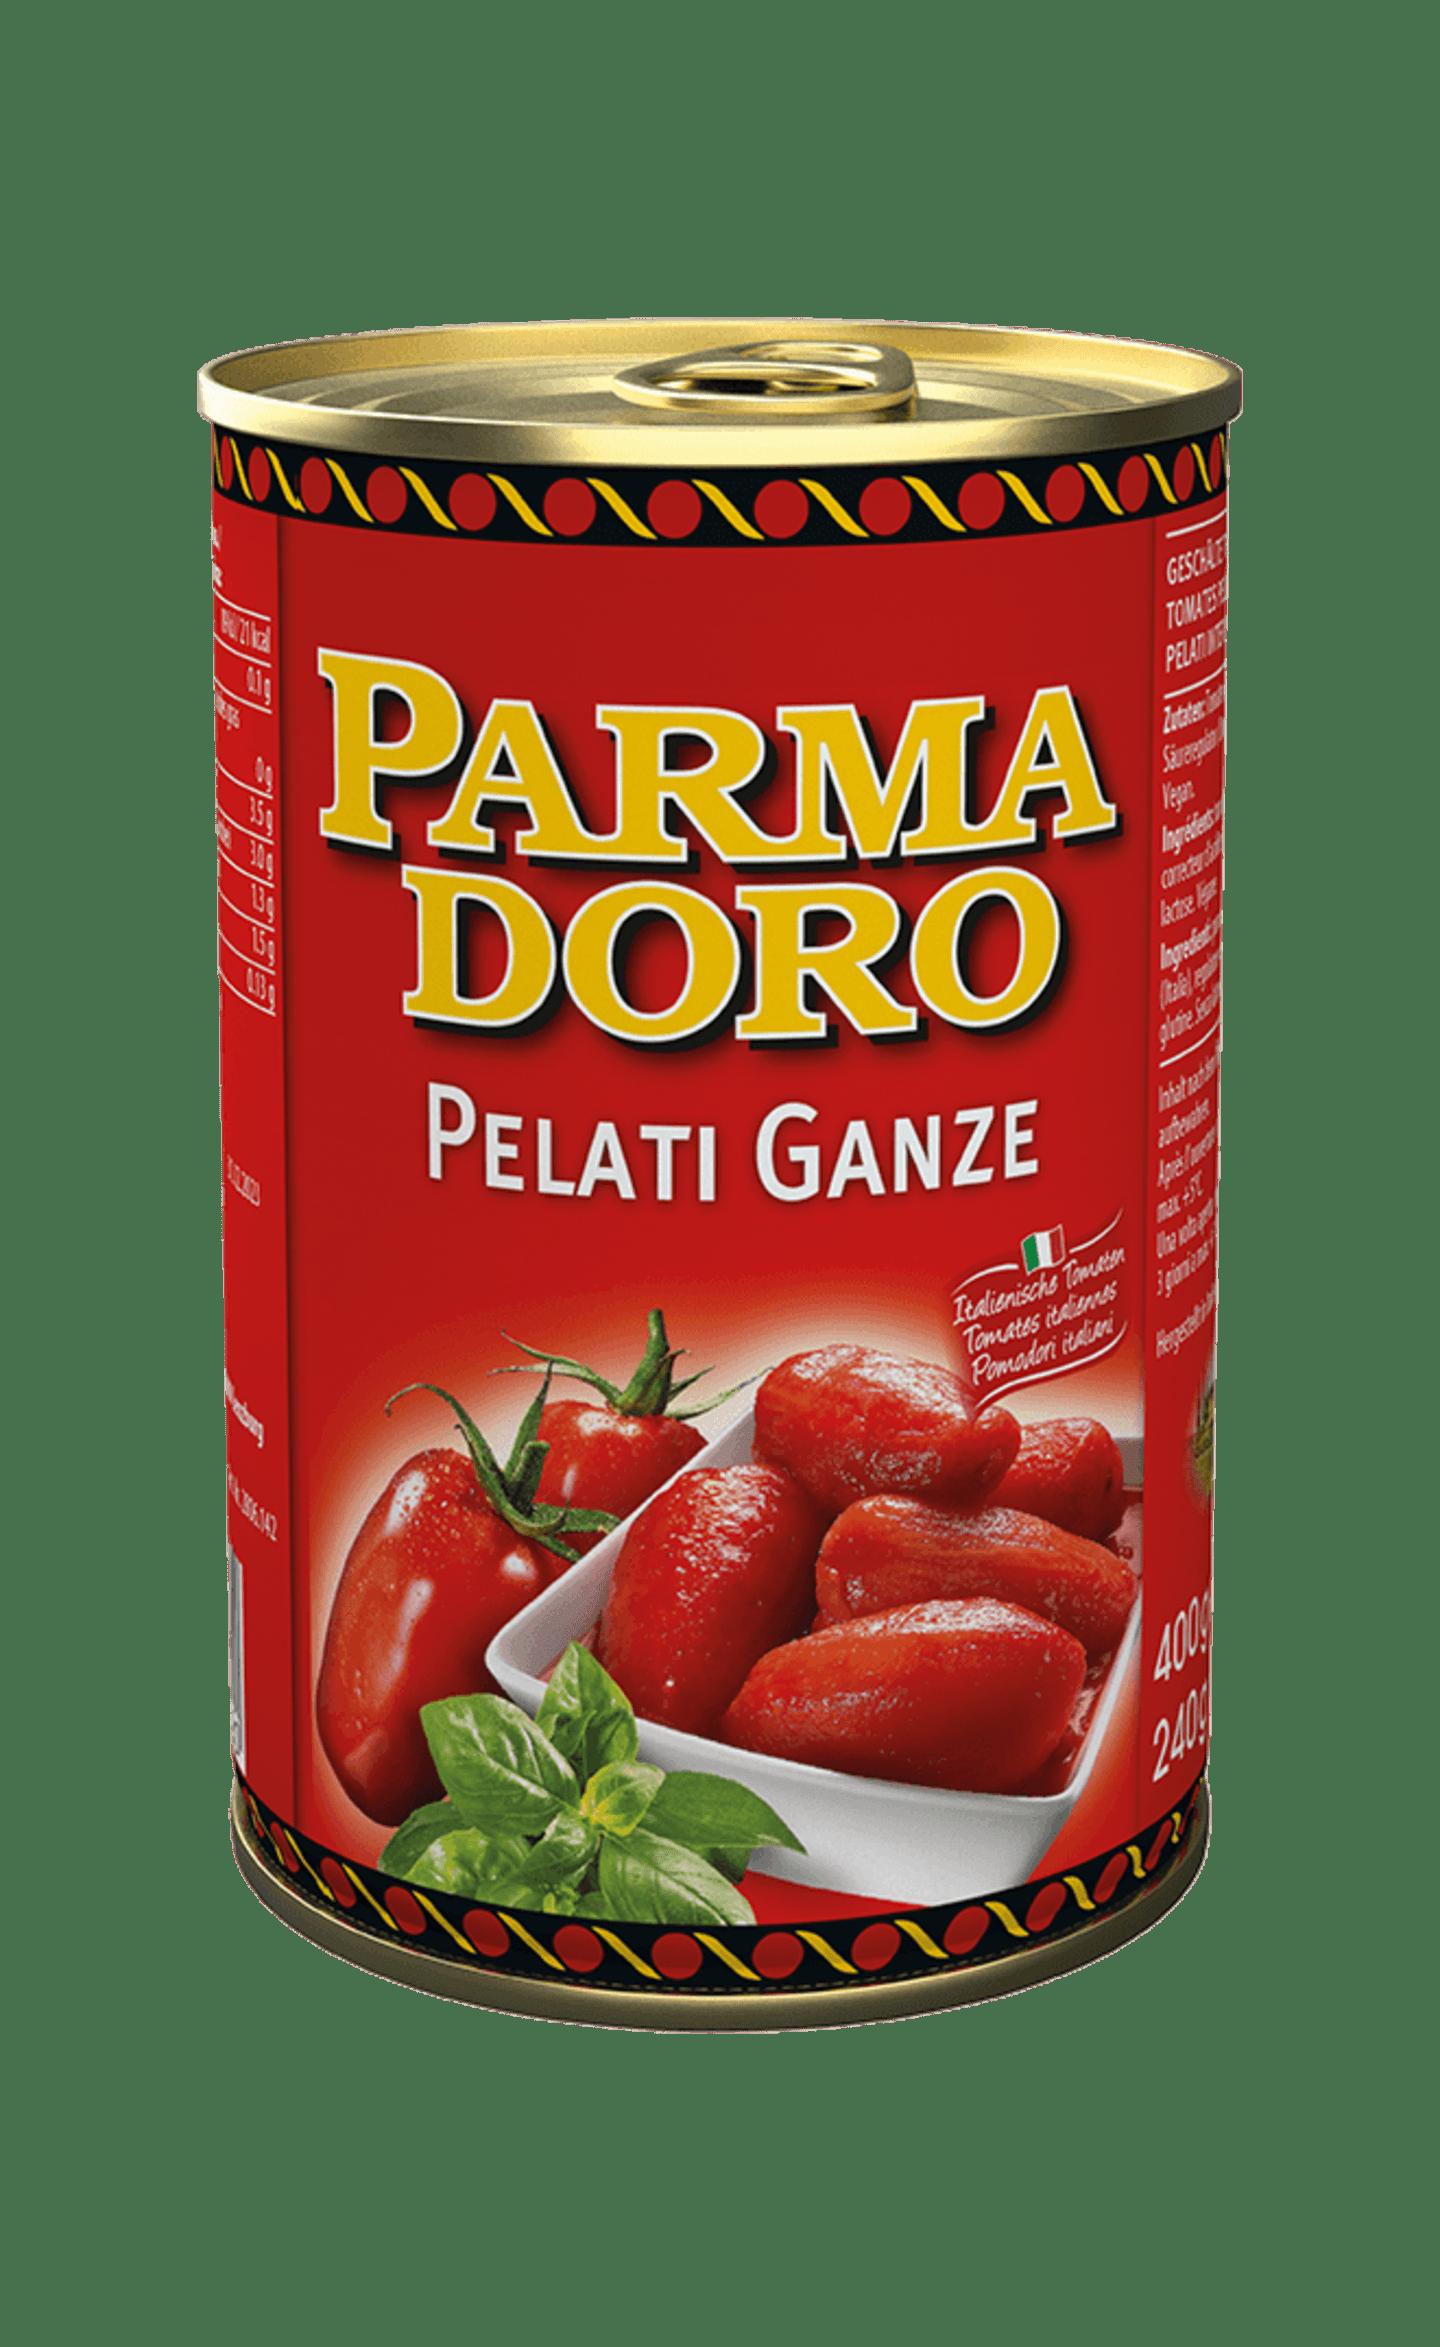 Parmadoro Pelati Ganze